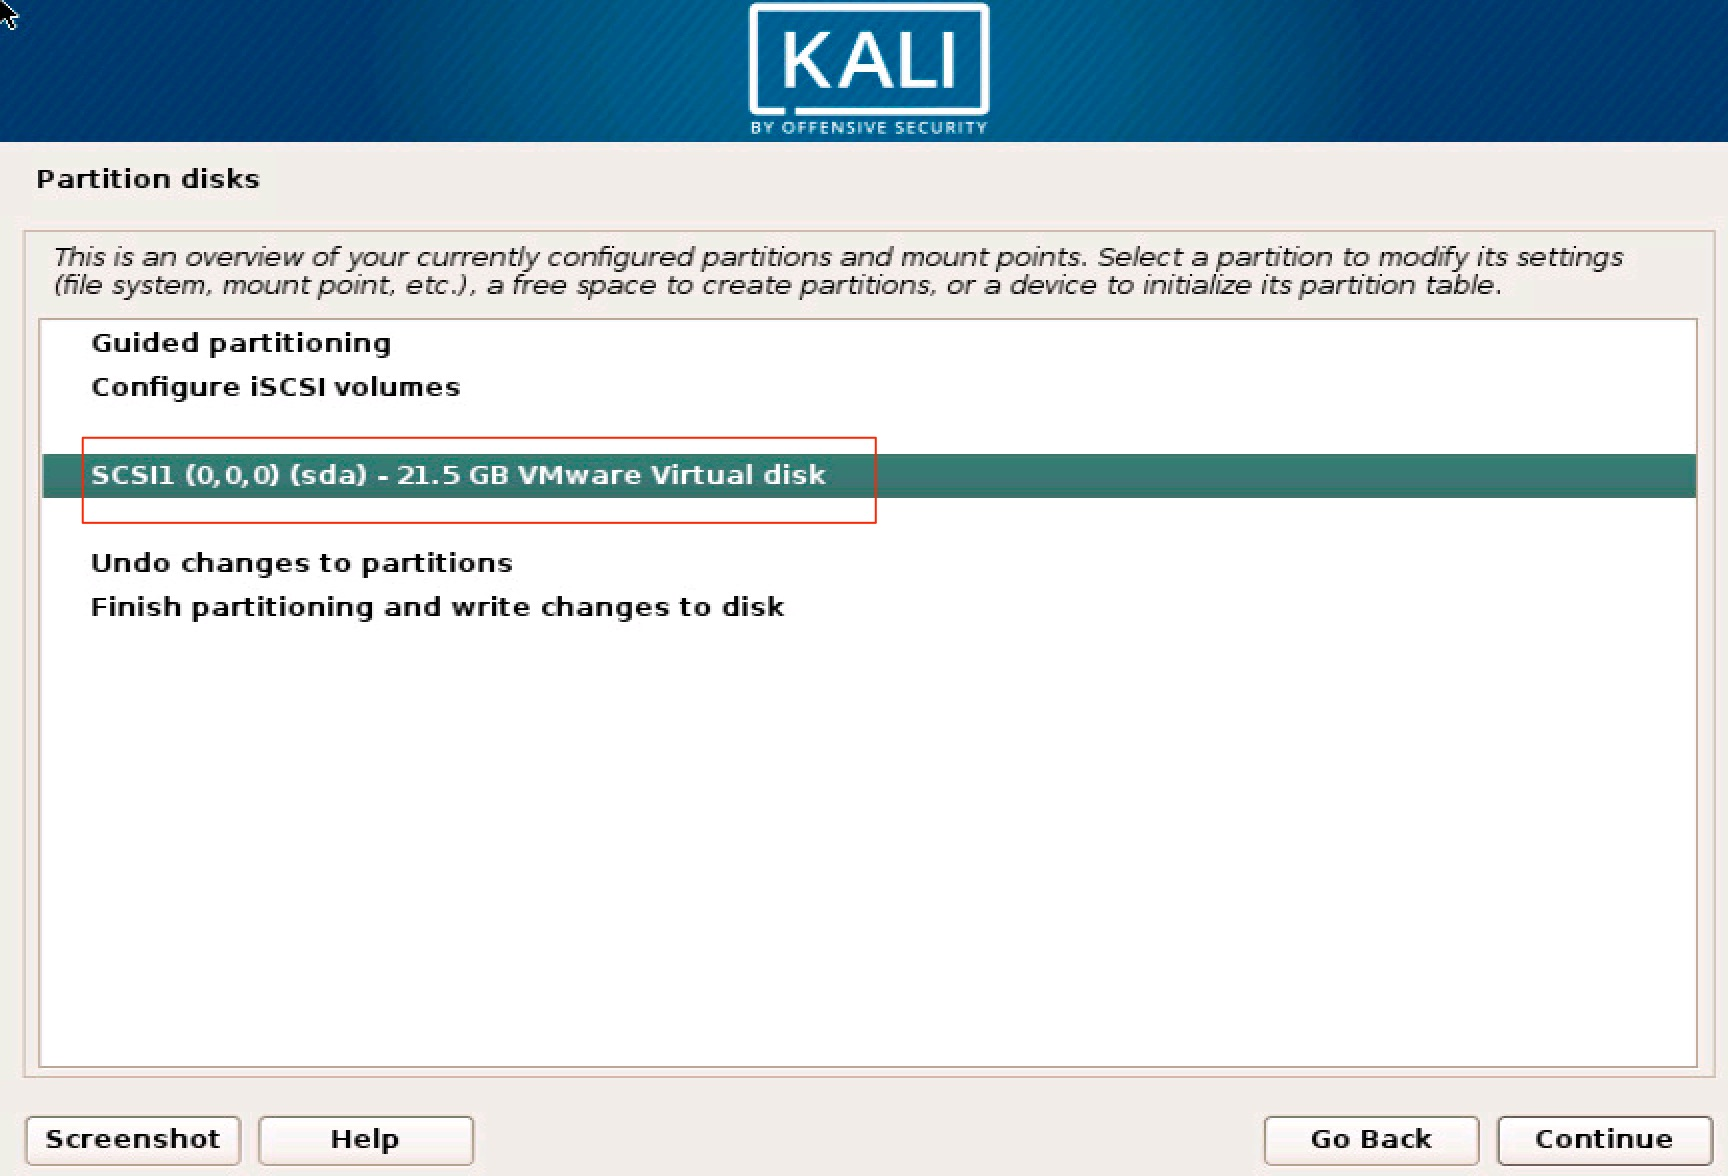 Hướng dẫn cài đặt Kali Linux với hình ảnh chi tiết - Technology Diver